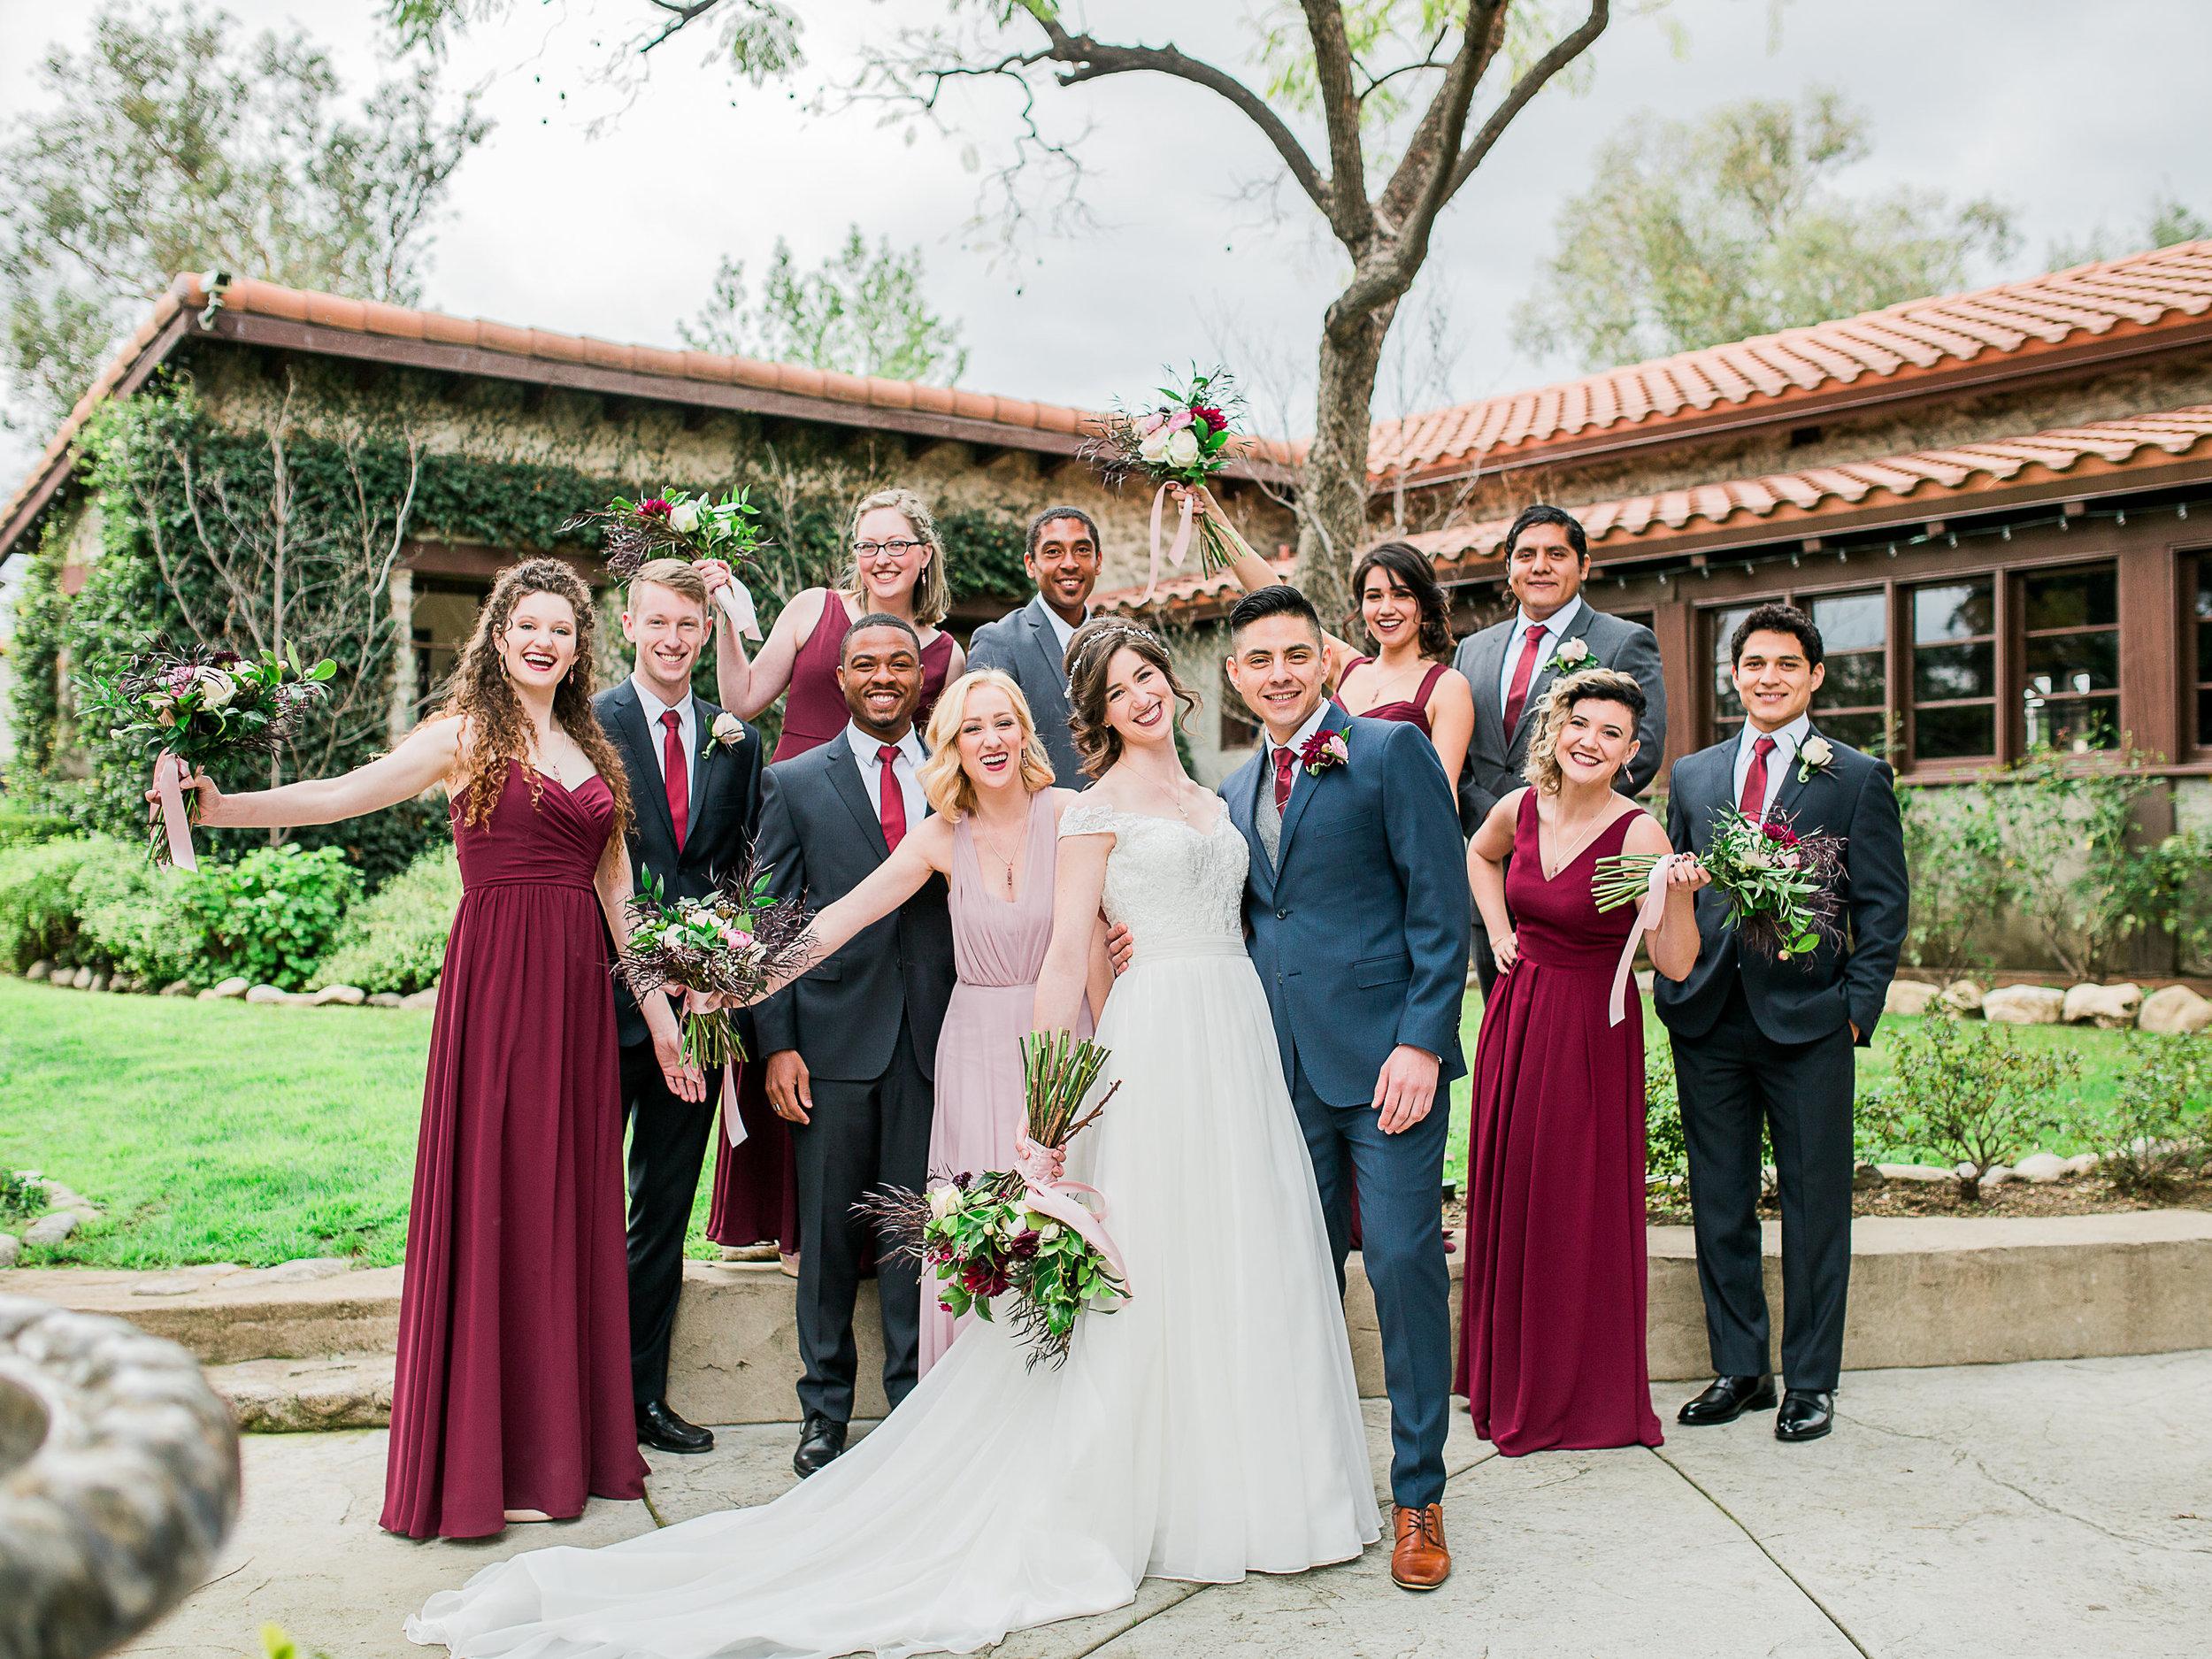 CUEVAS-WEDDING-SNEAK-PEEK-0042.jpg